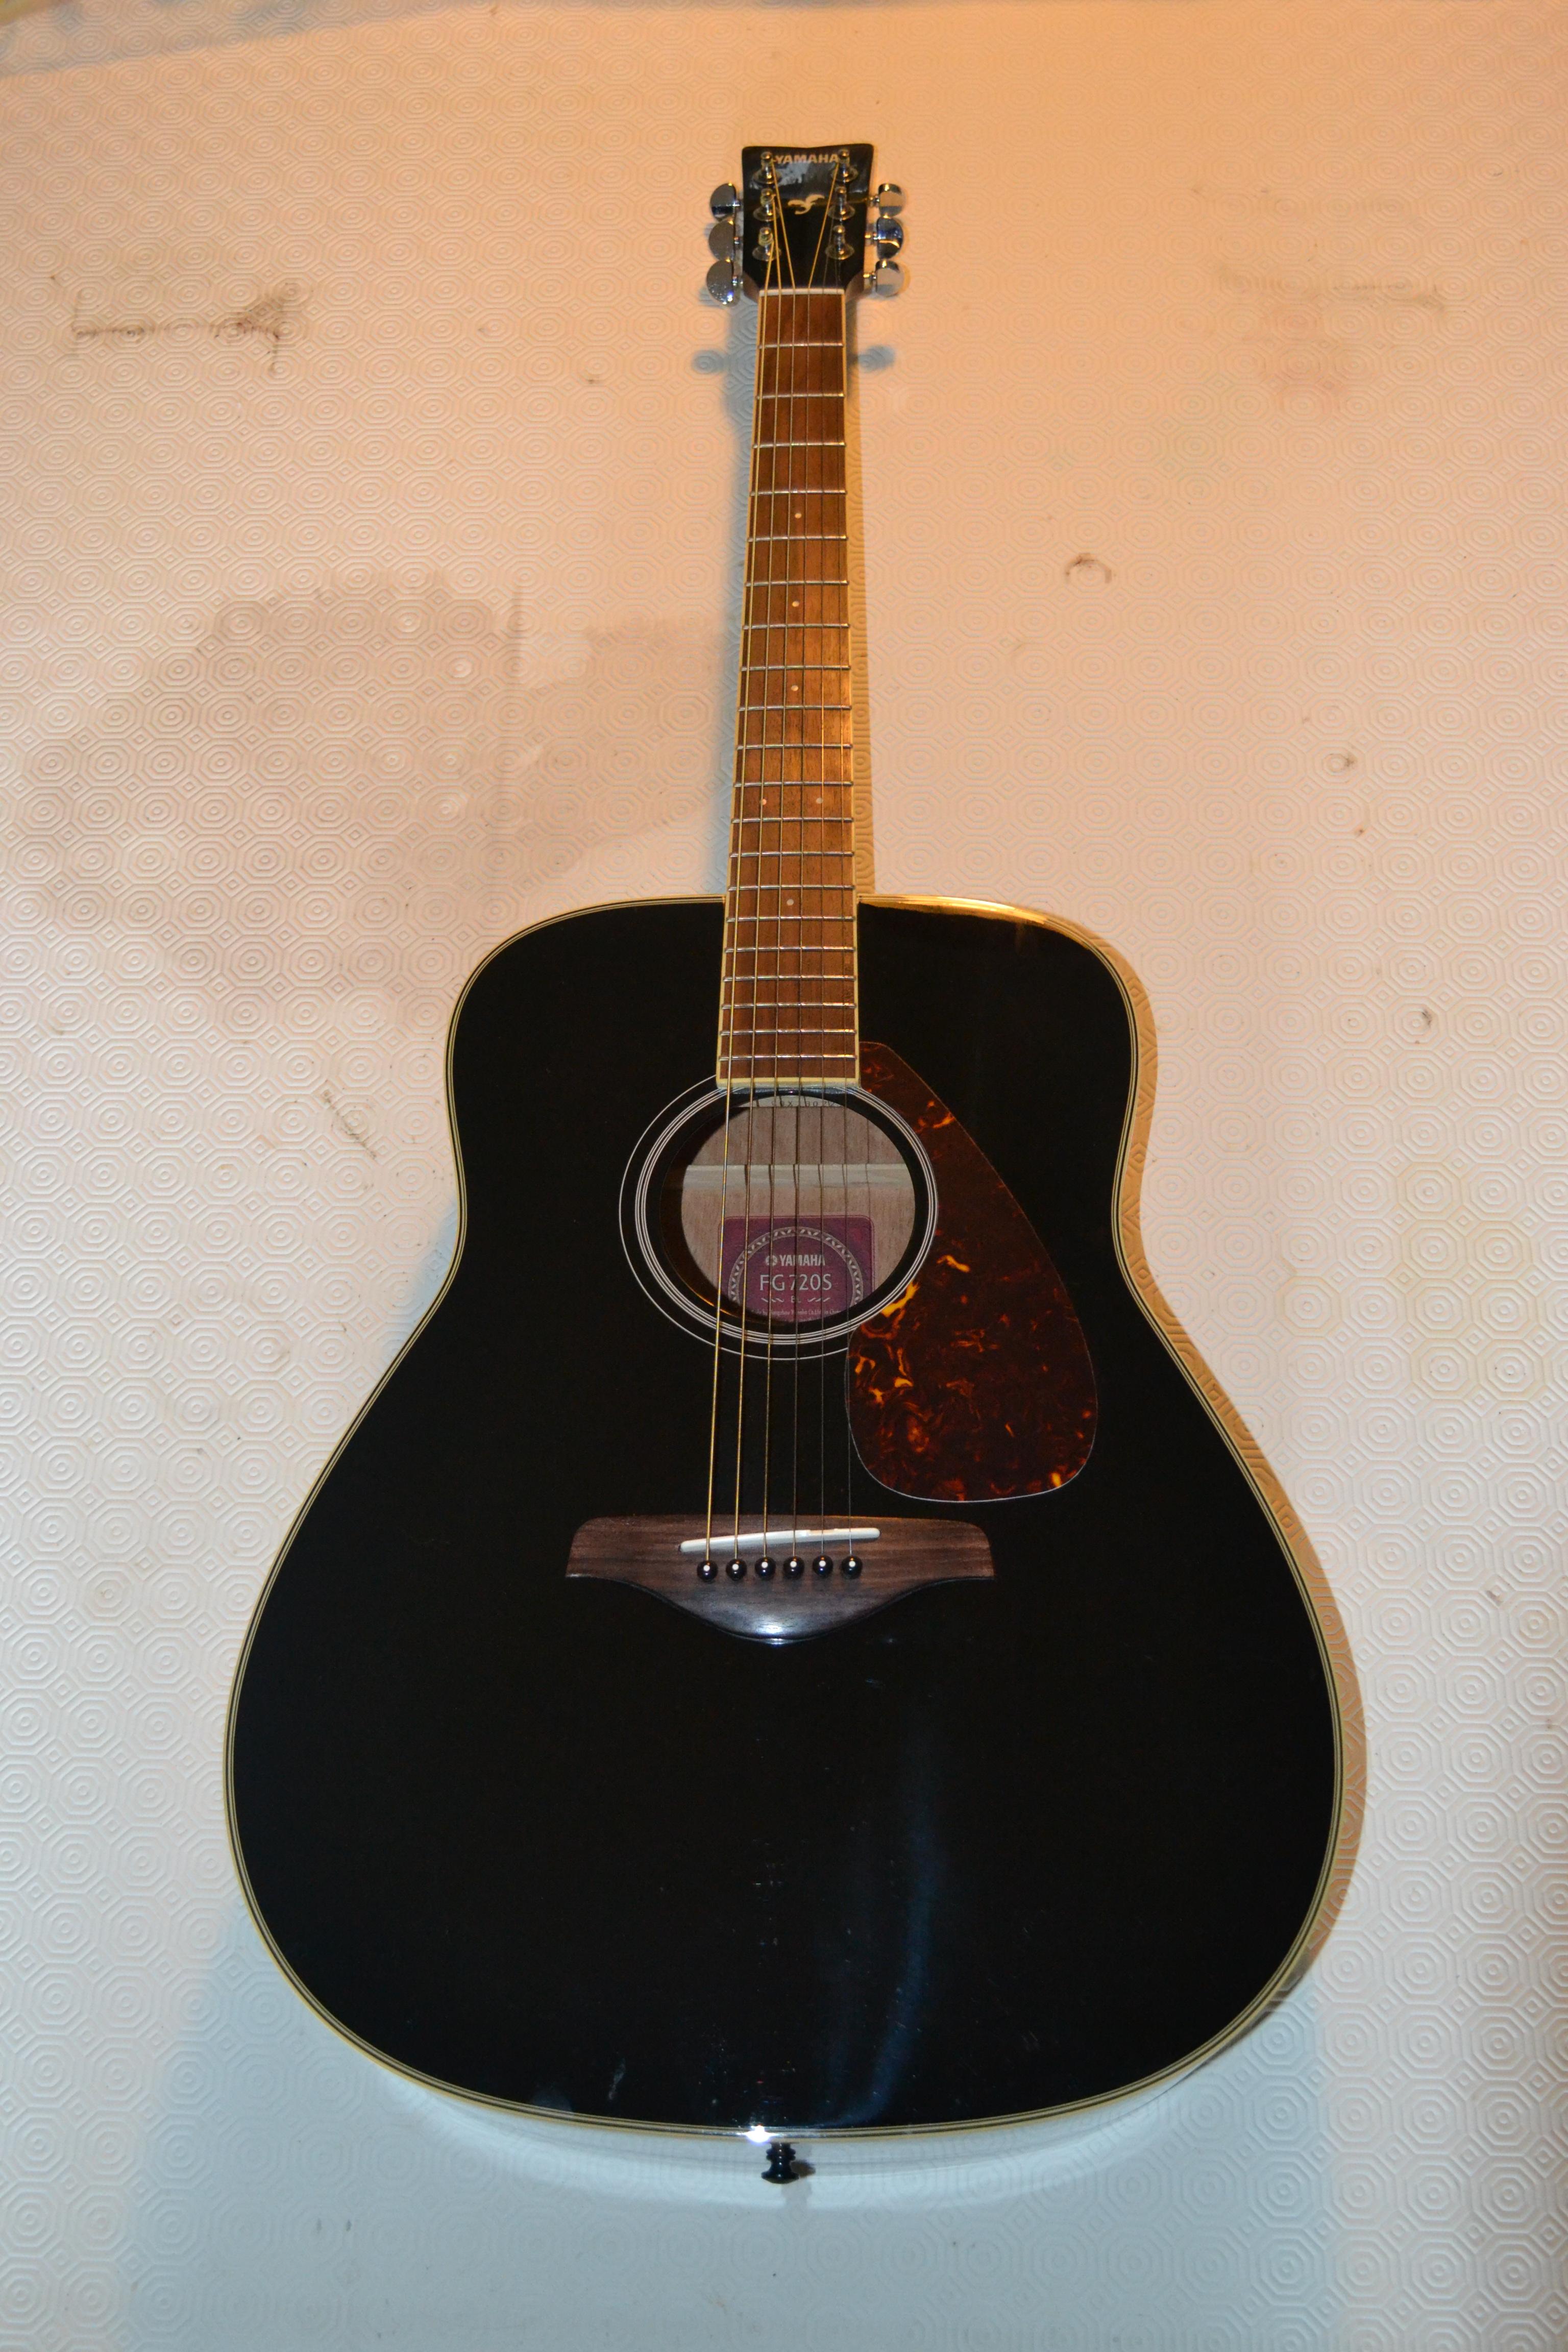 guitare f370